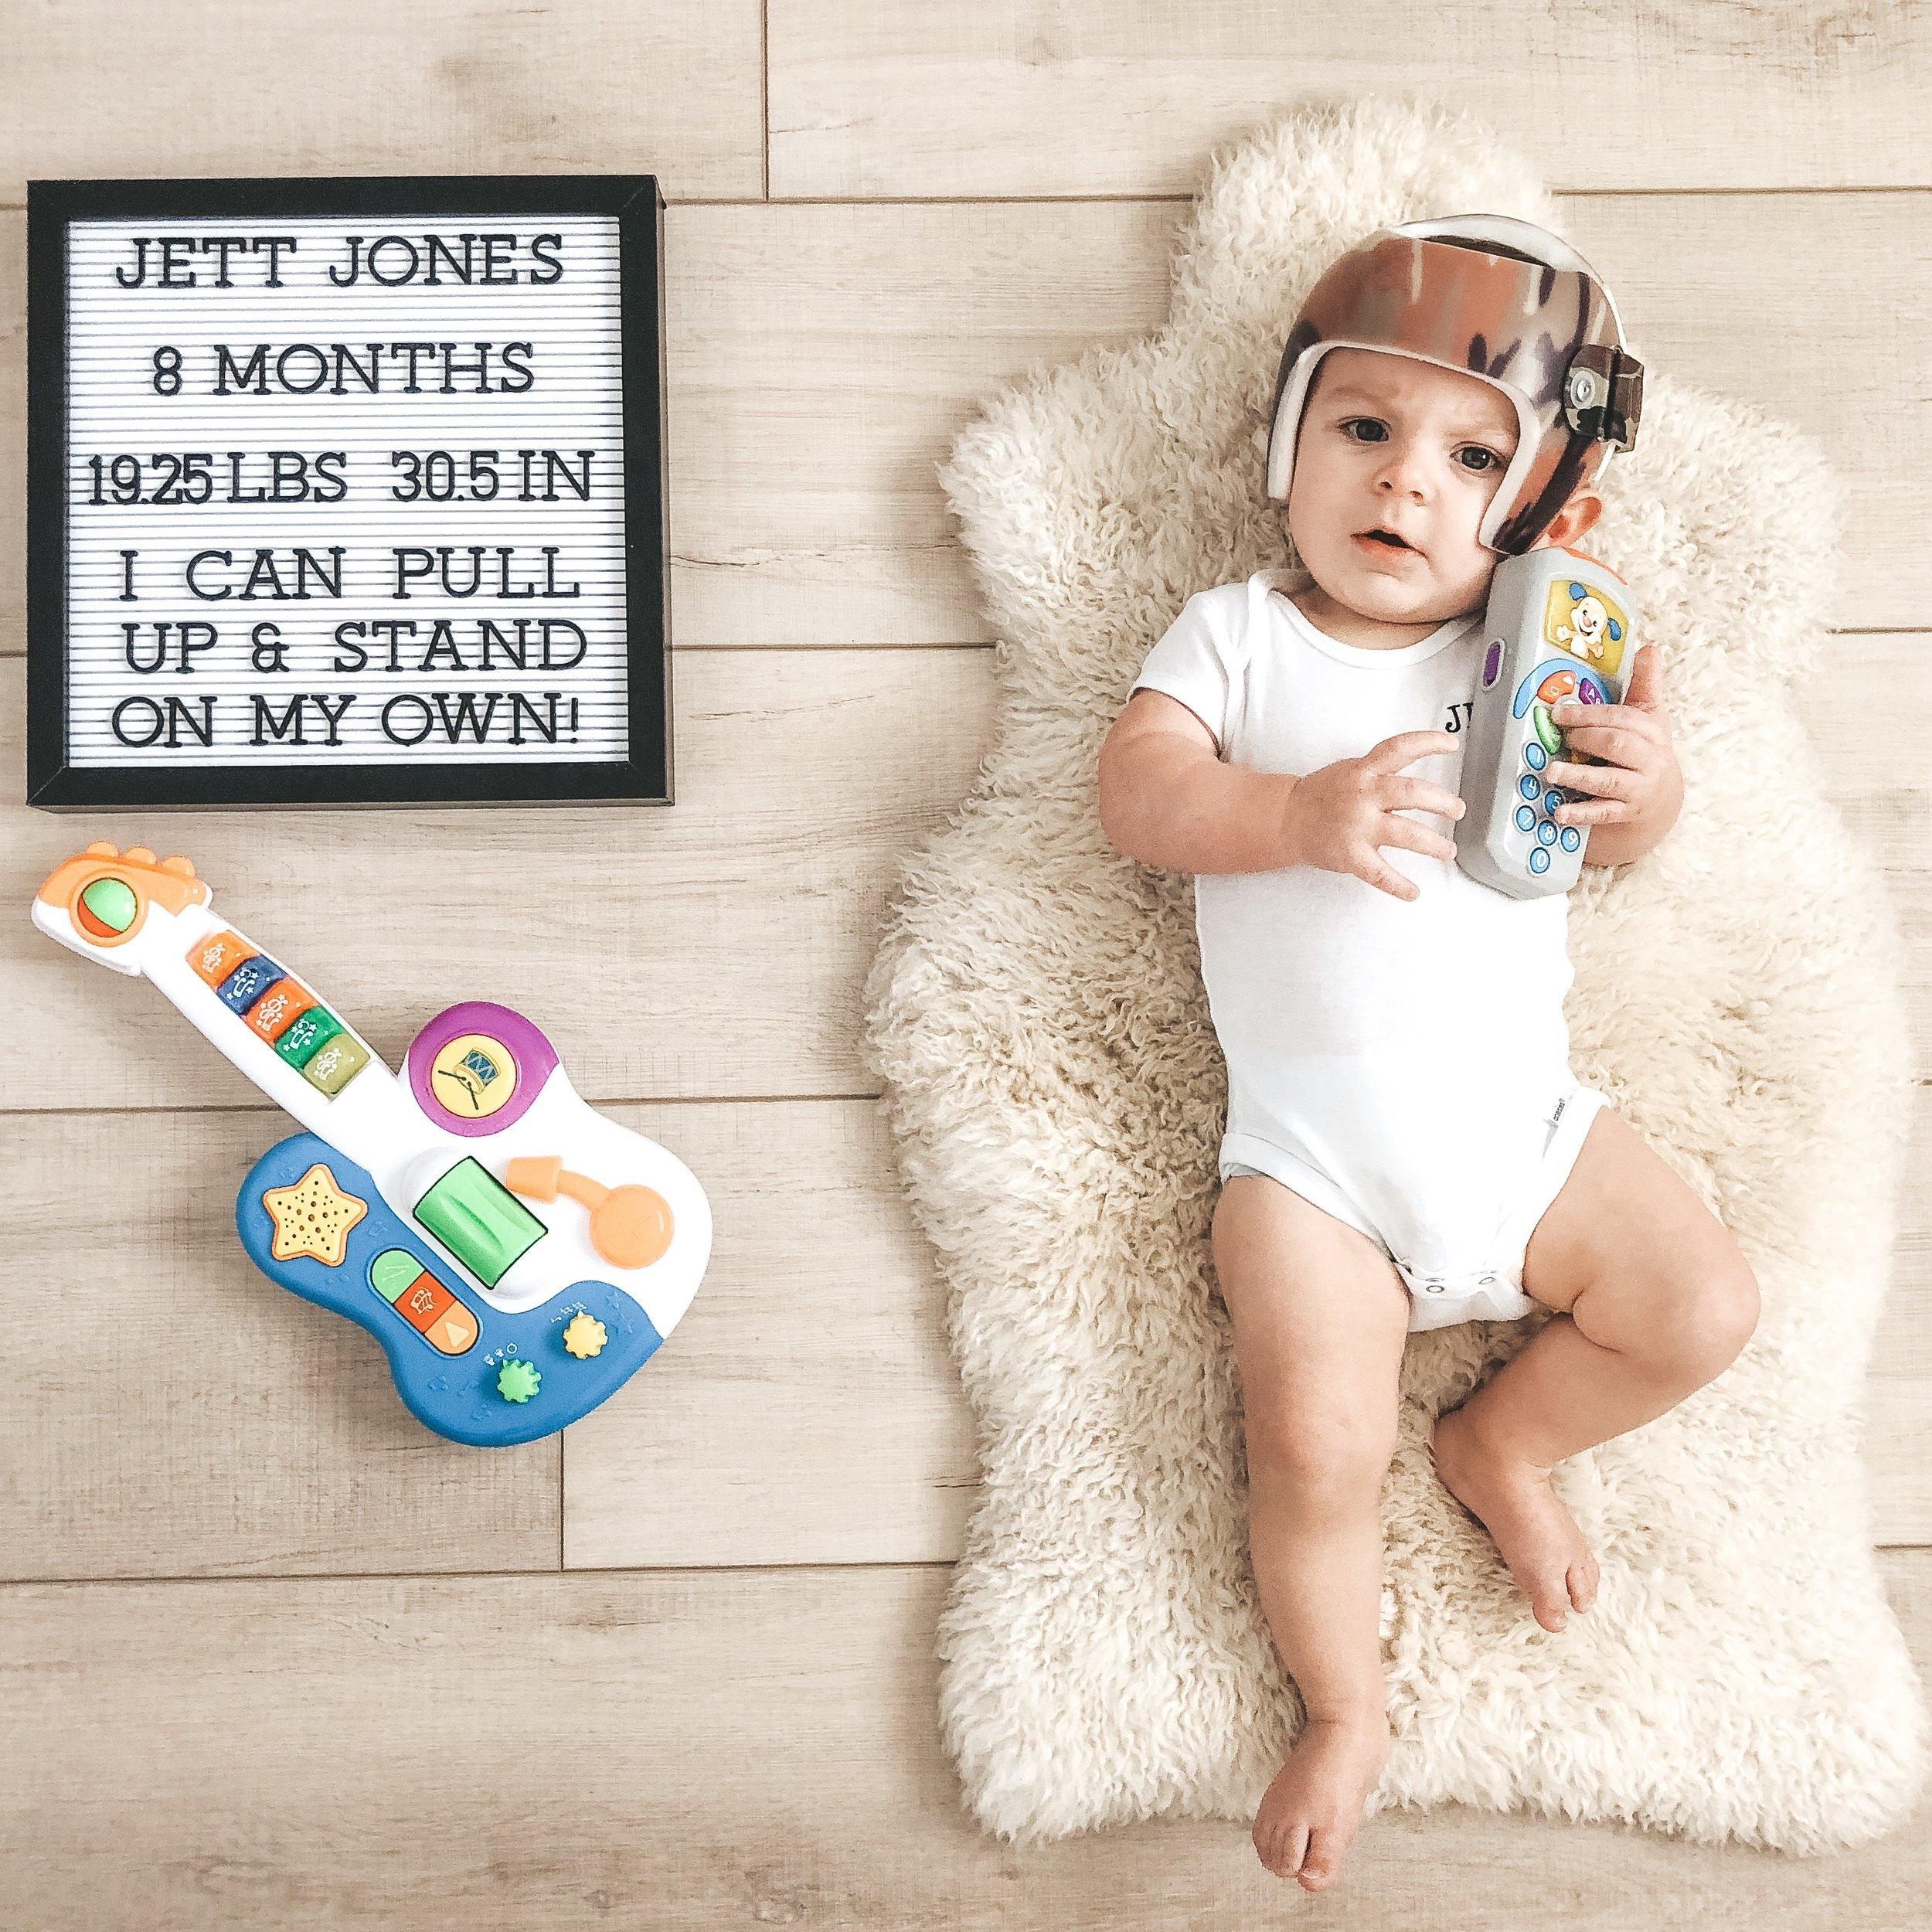 Jett Jones, 8 Months old.  Monthly photos of newborn baby boy.